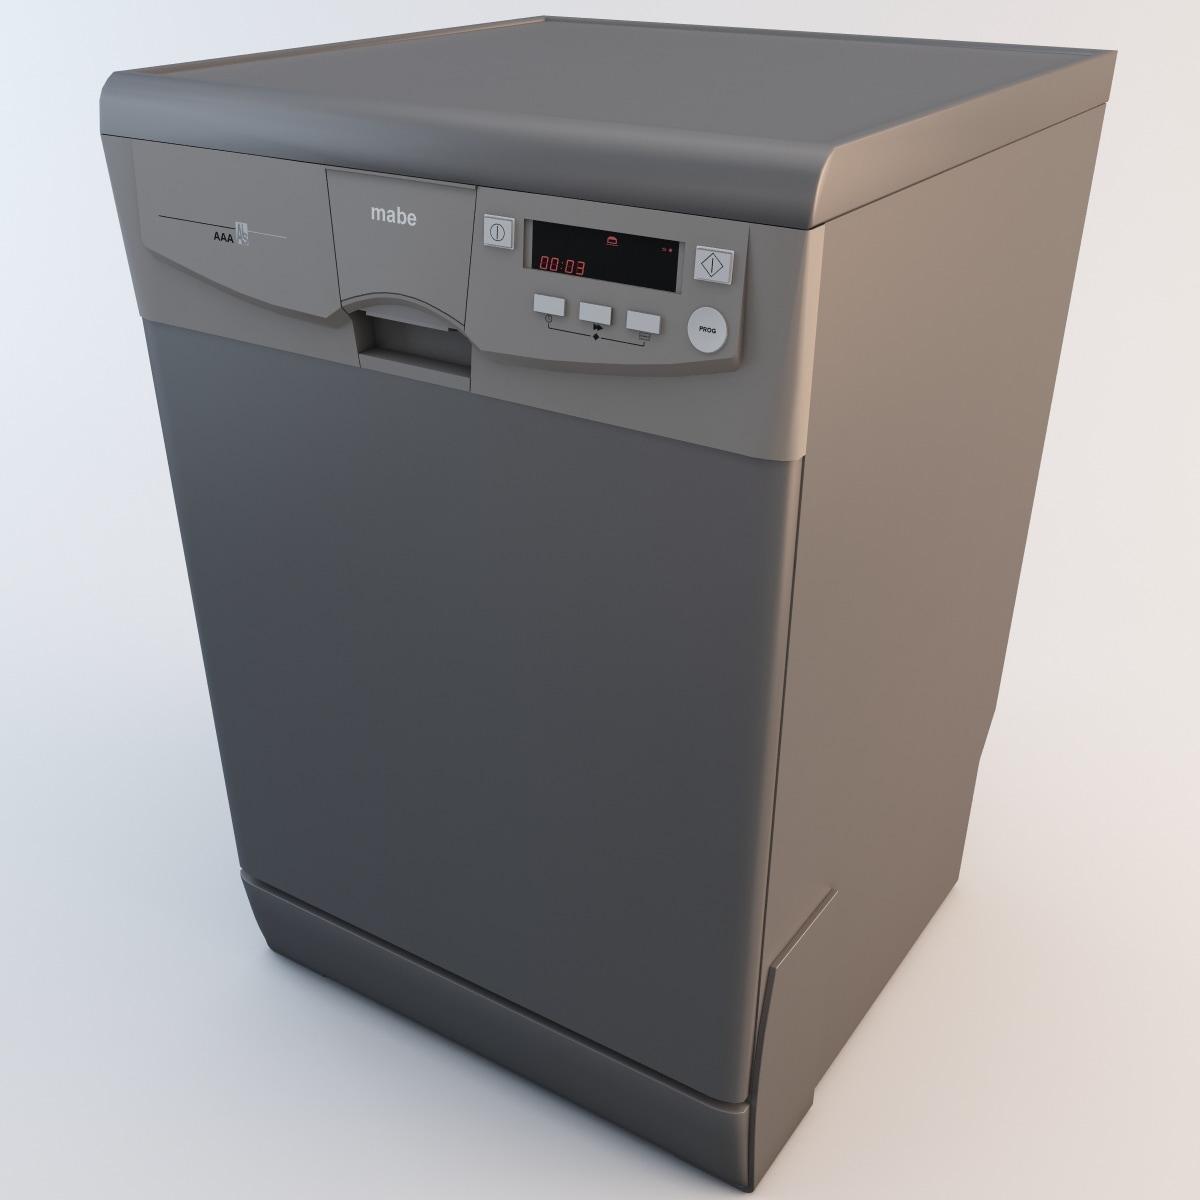 Dishwasher_Mabe_005.jpg